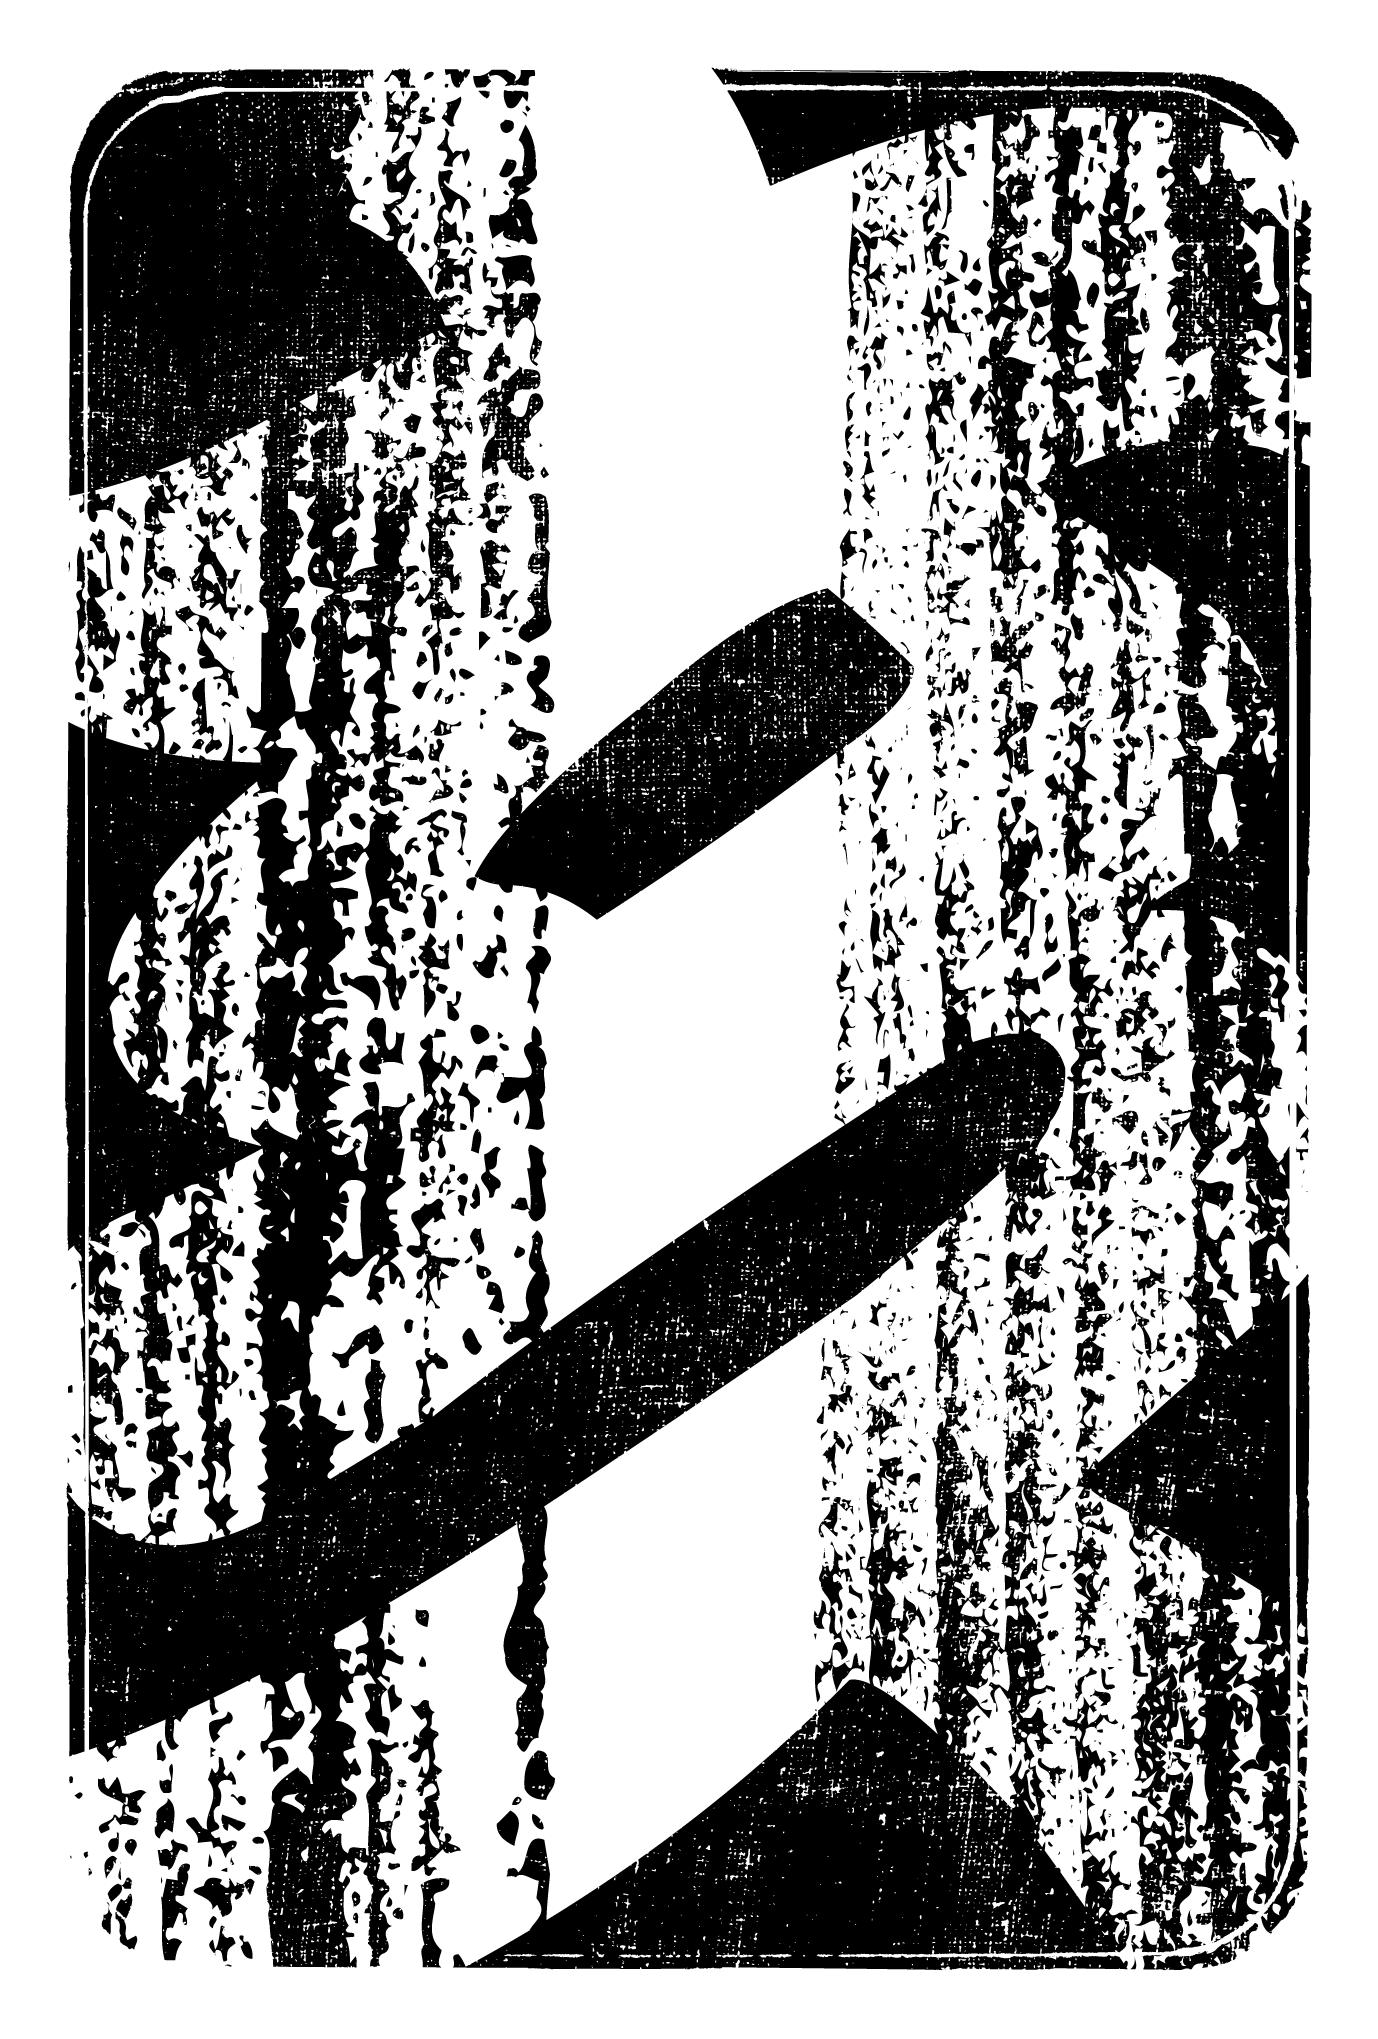 2019年賀状04-4:江戸勘亭流(亥)墨のダウンロード画像